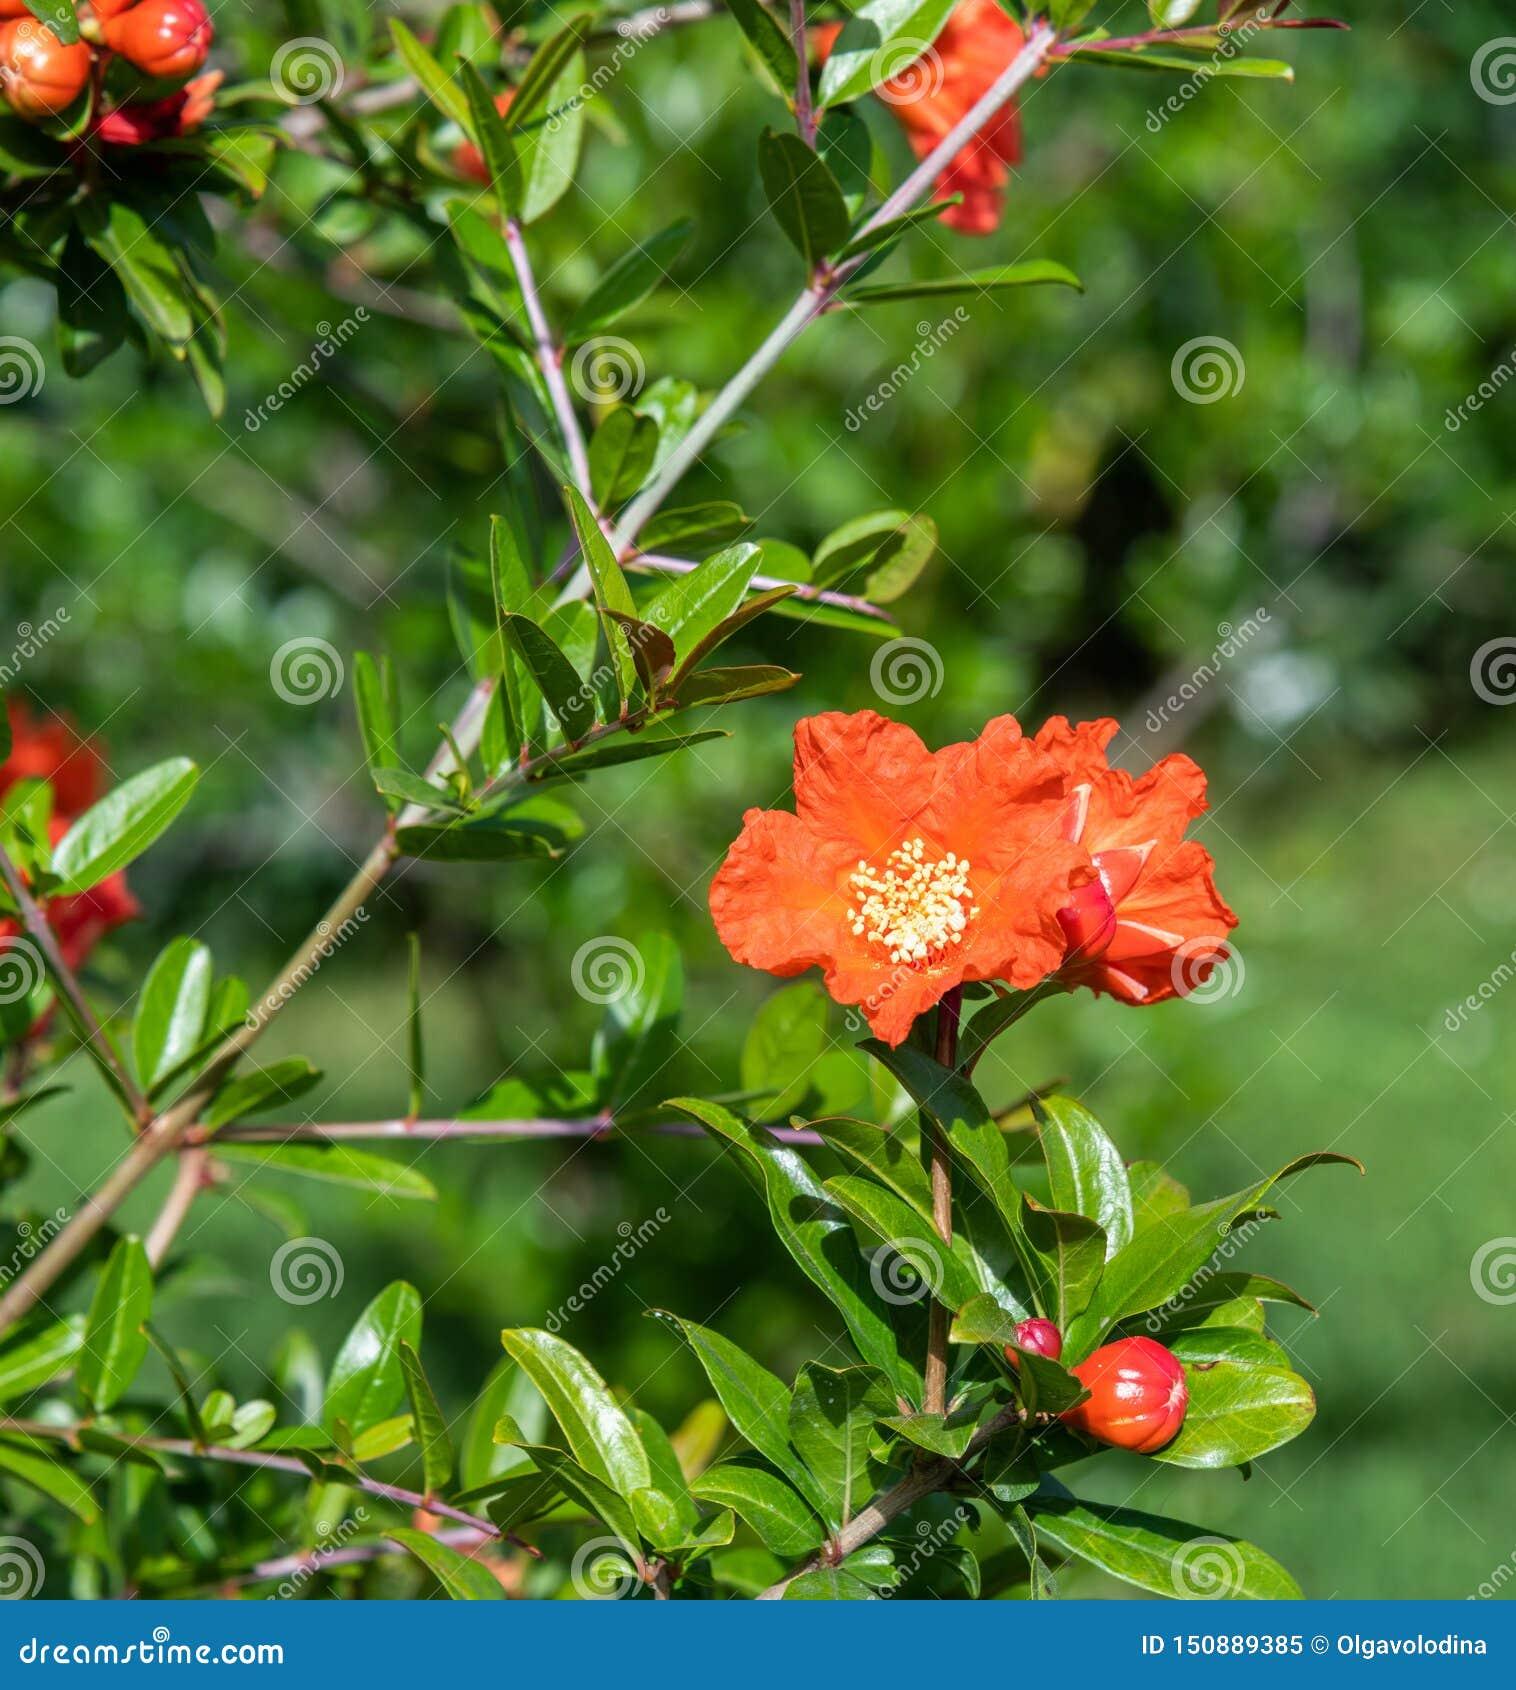 Arbusto de florecimiento de la granada con flores rojas